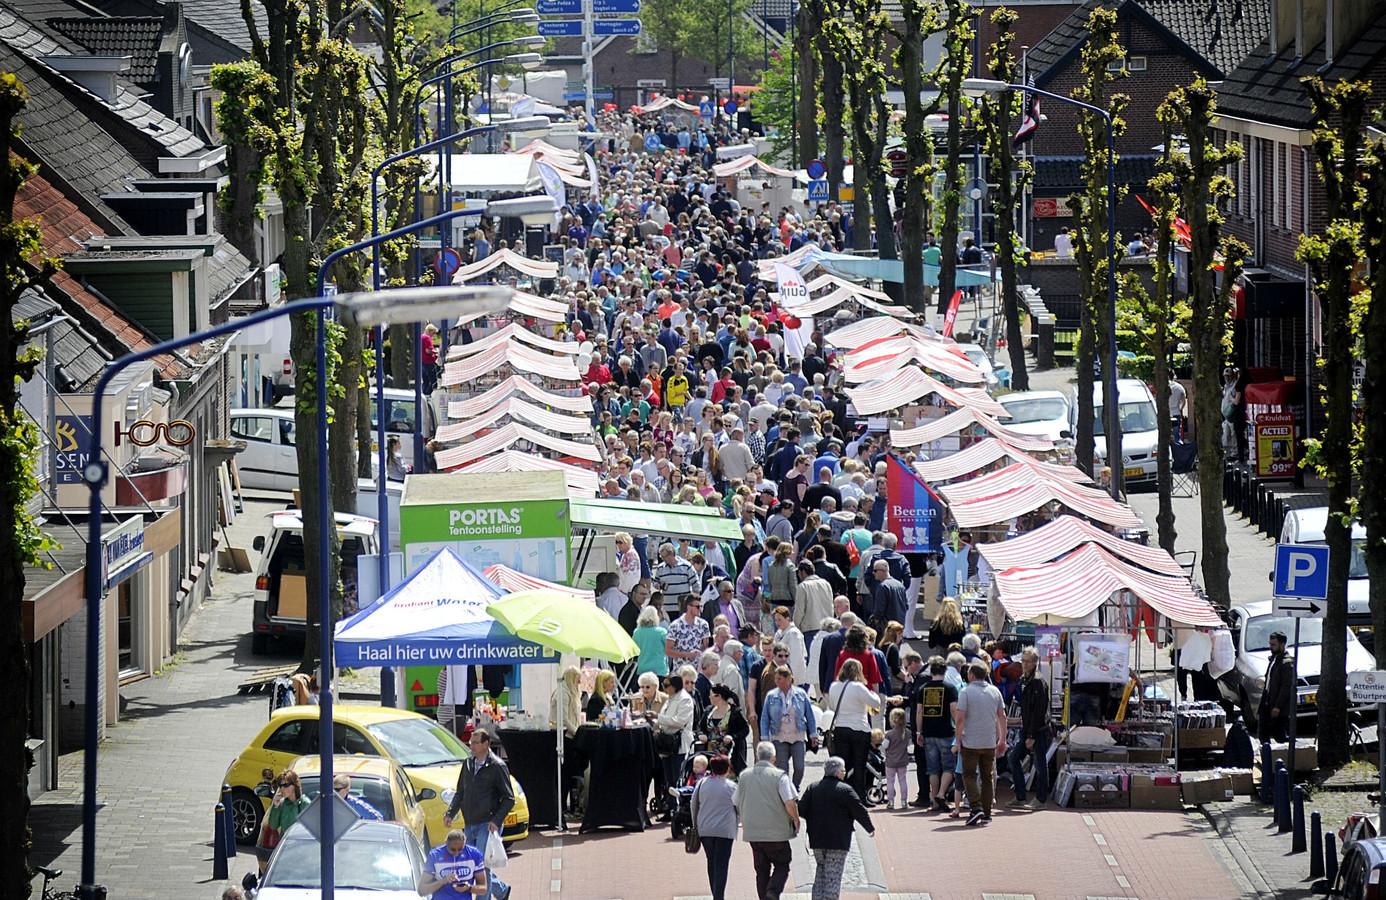 Boekel RondUit trok jaarlijks duizenden bezoekers.